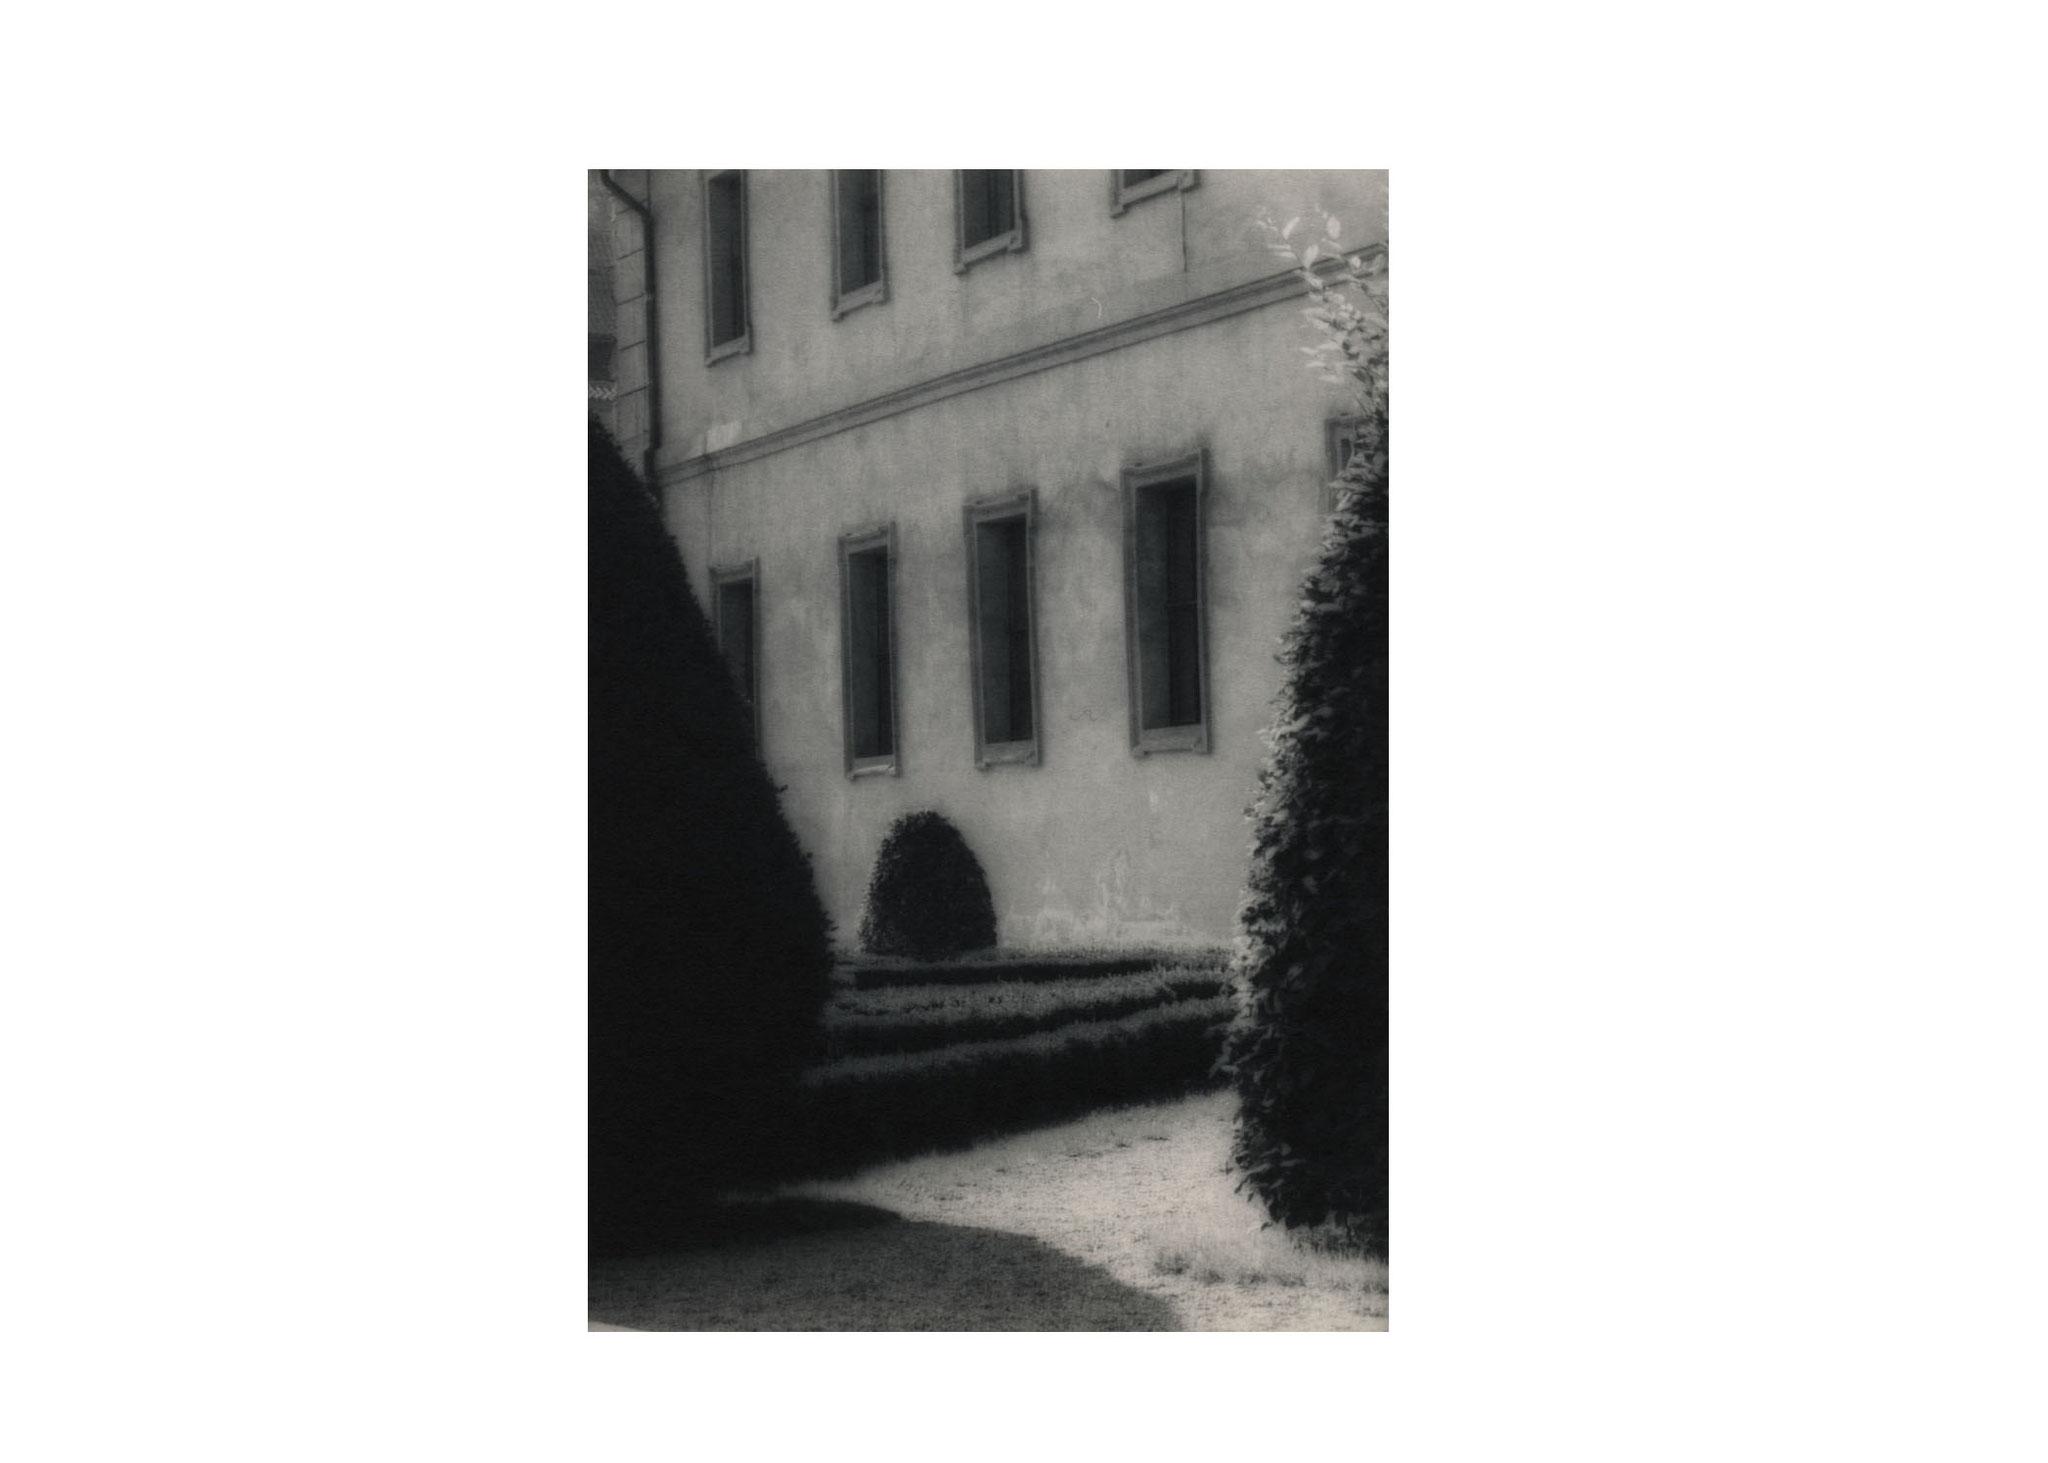 Waldstein Palais, der verwunschene Garten 2, Prag